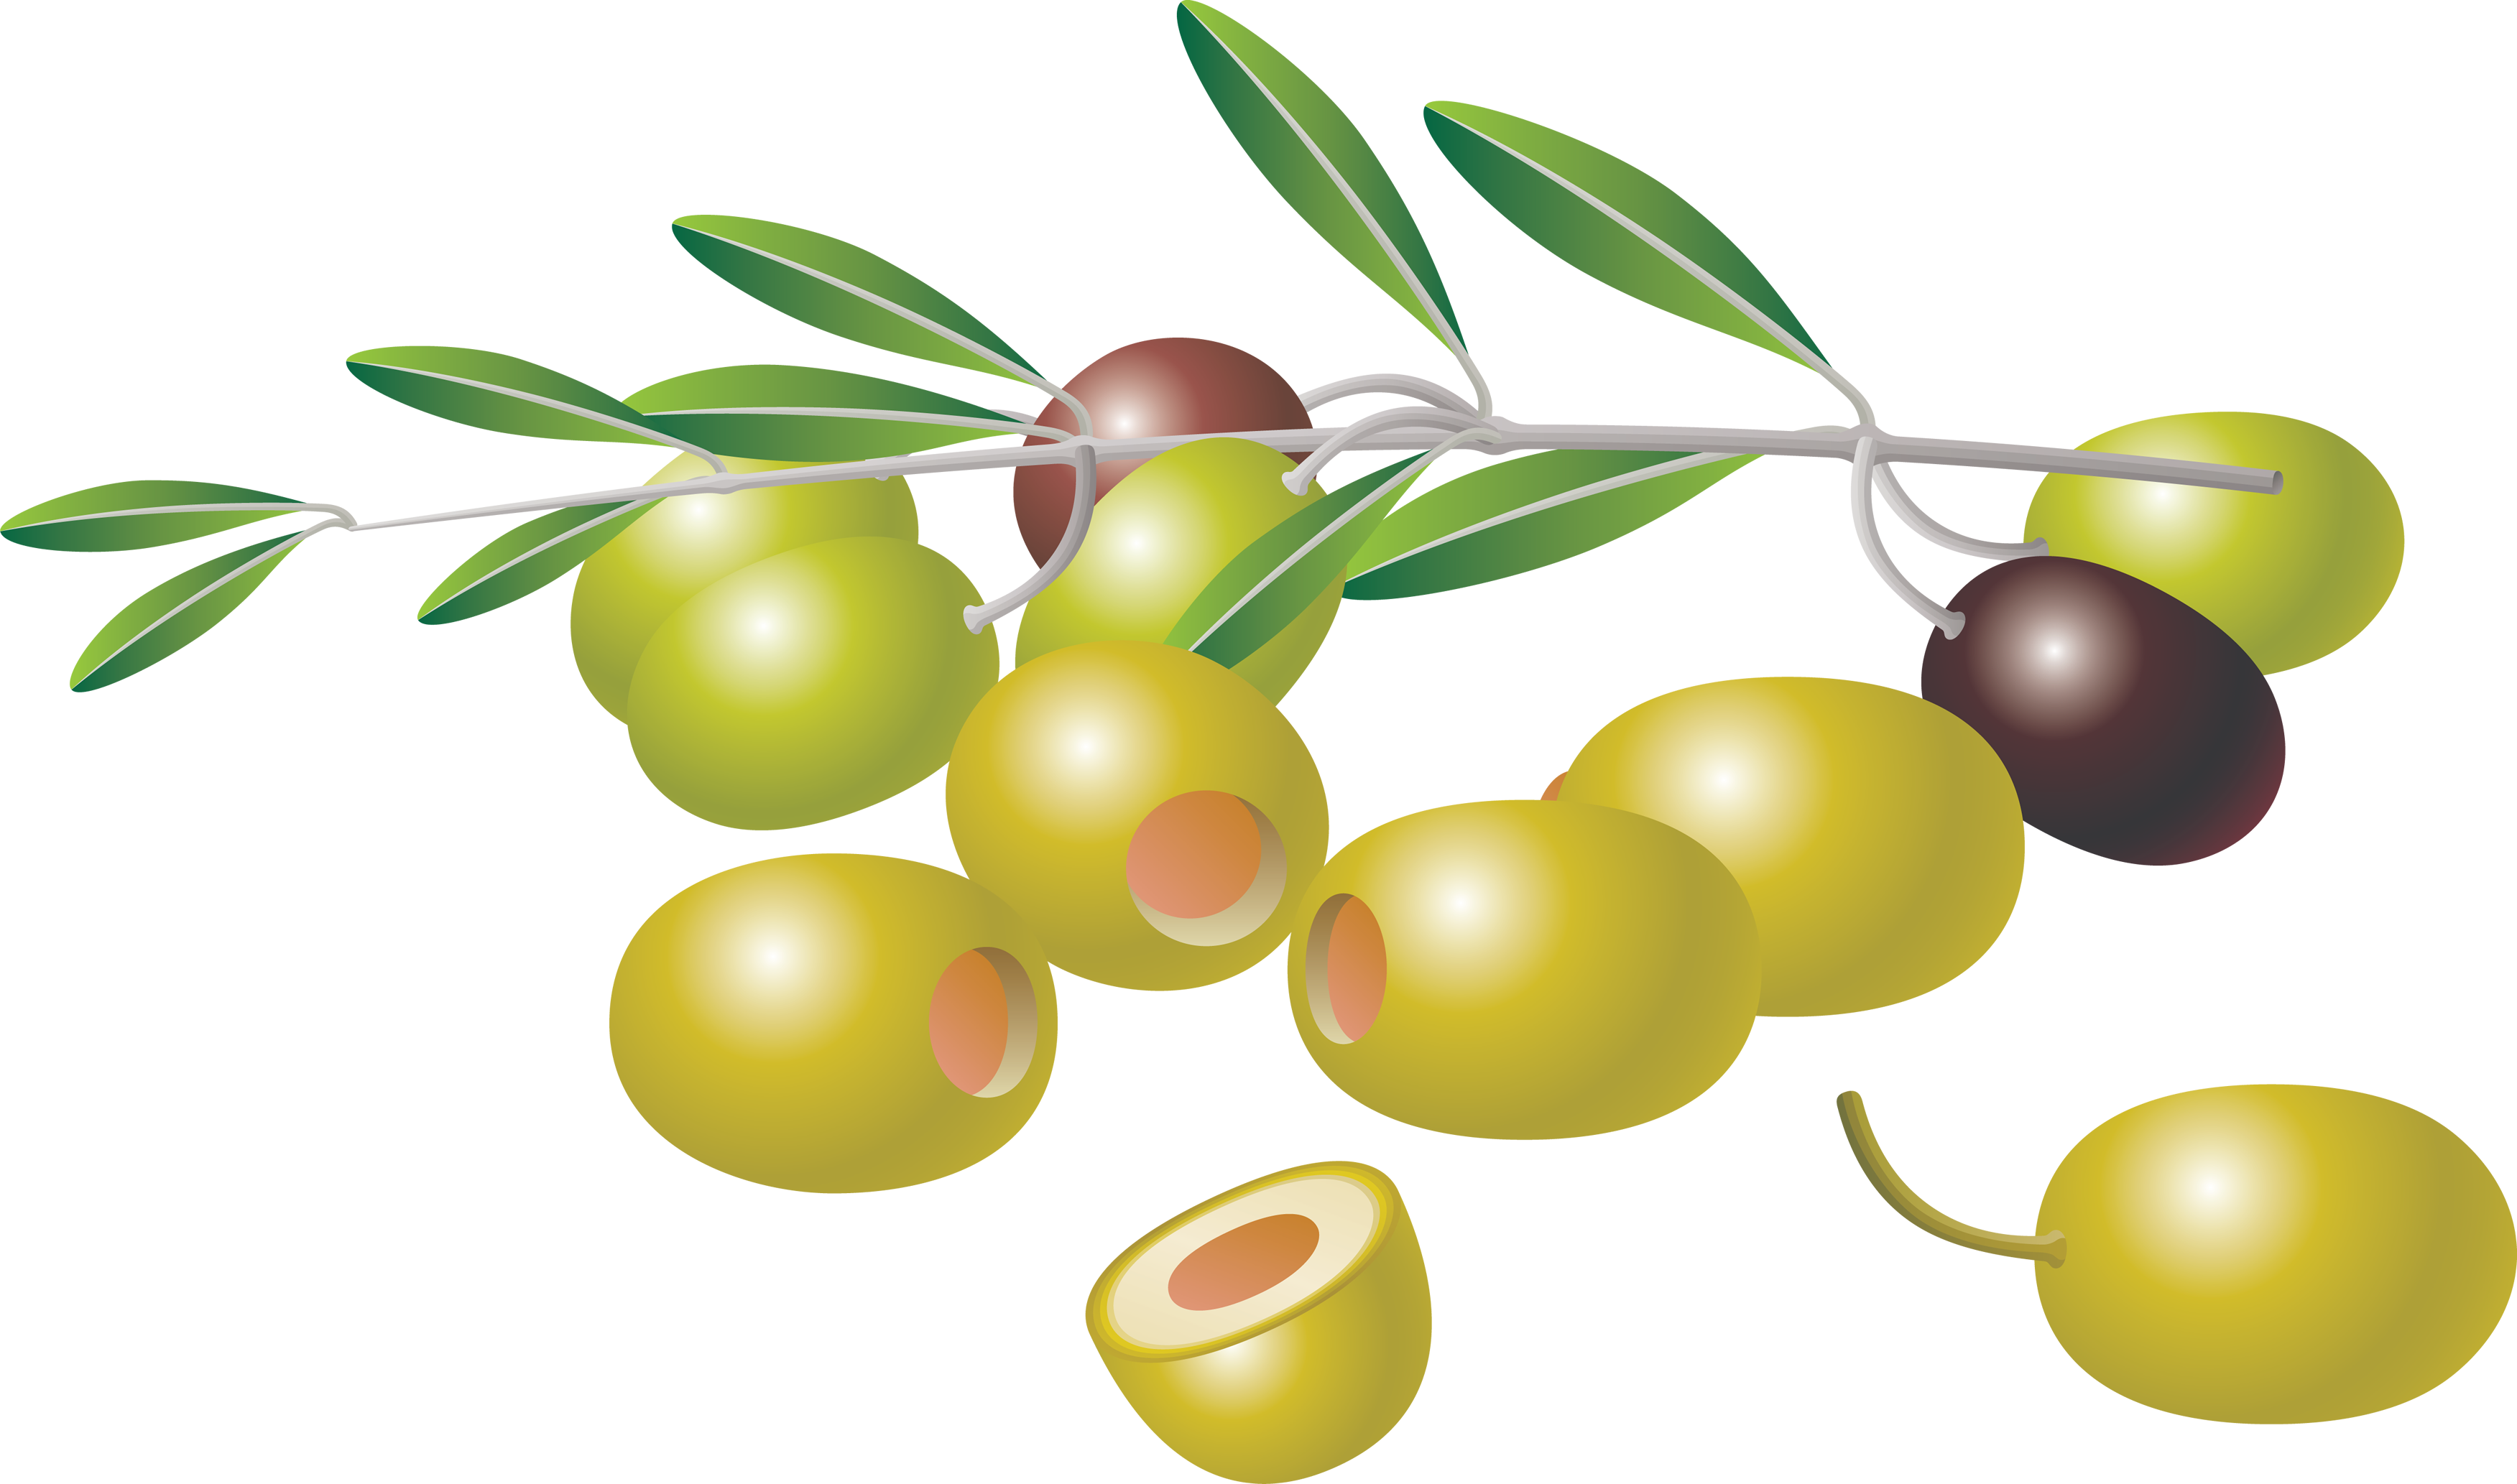 Olives images free olive clip art.